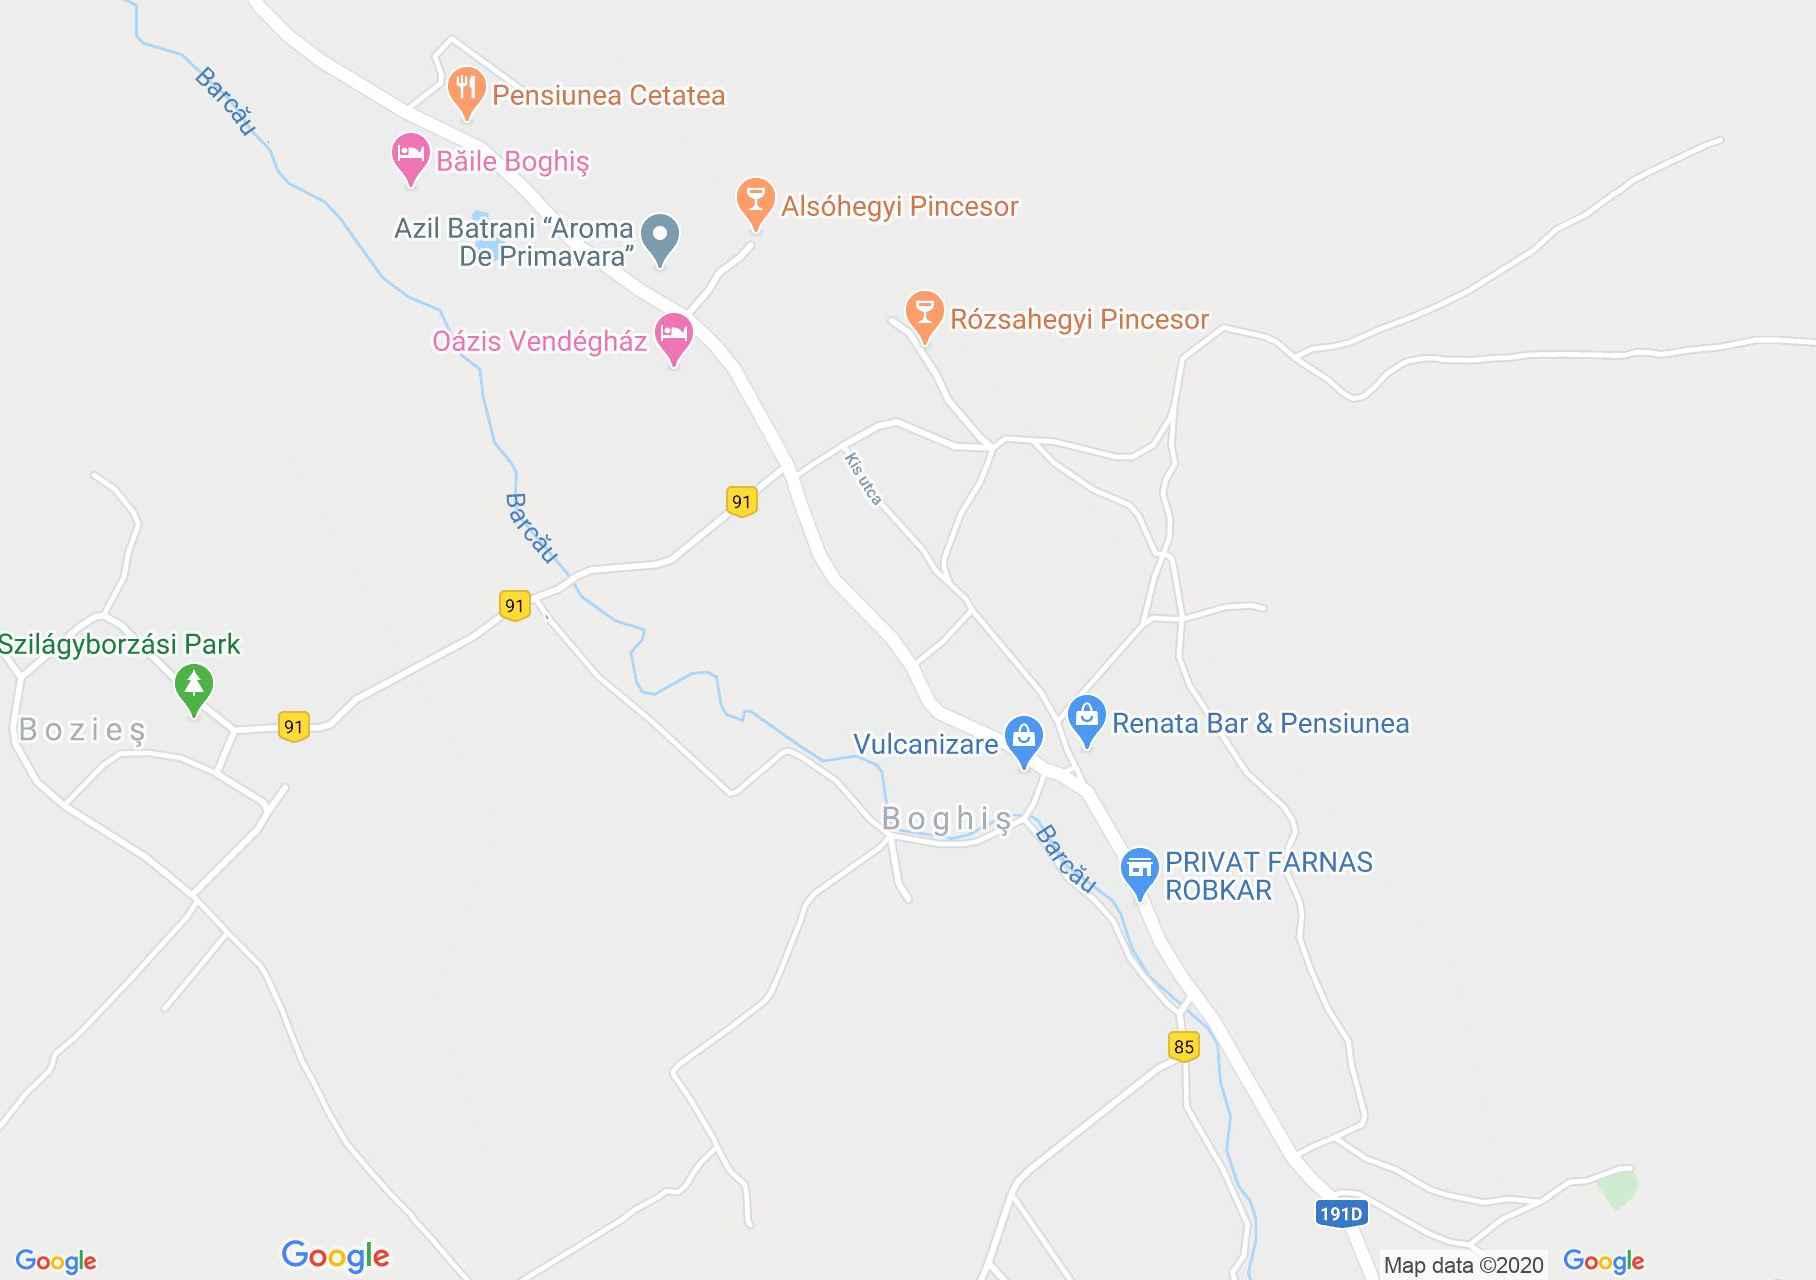 Boghiş, Harta turistică interactivă